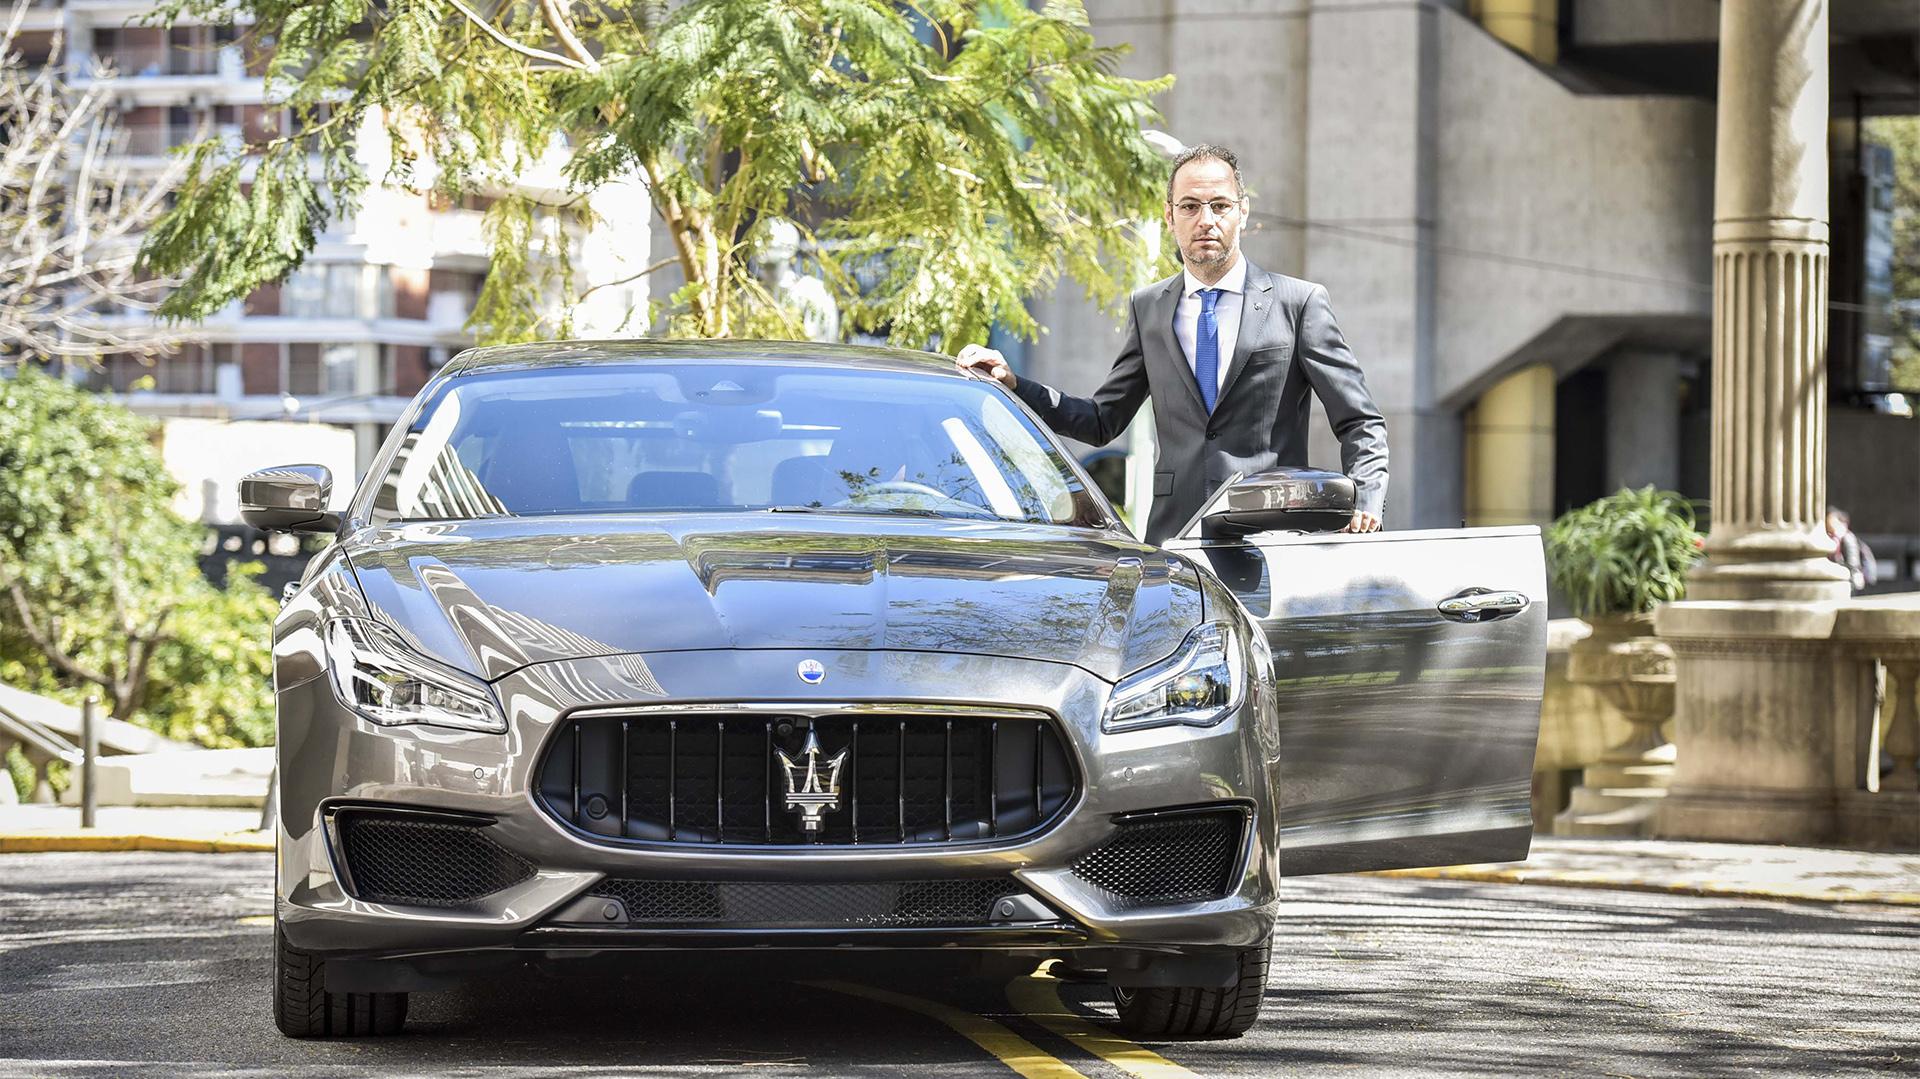 Maserati se tiene fe: relanza la marca y espera vender 40 autos súper  premium este año por USD 8 millones - Infobae